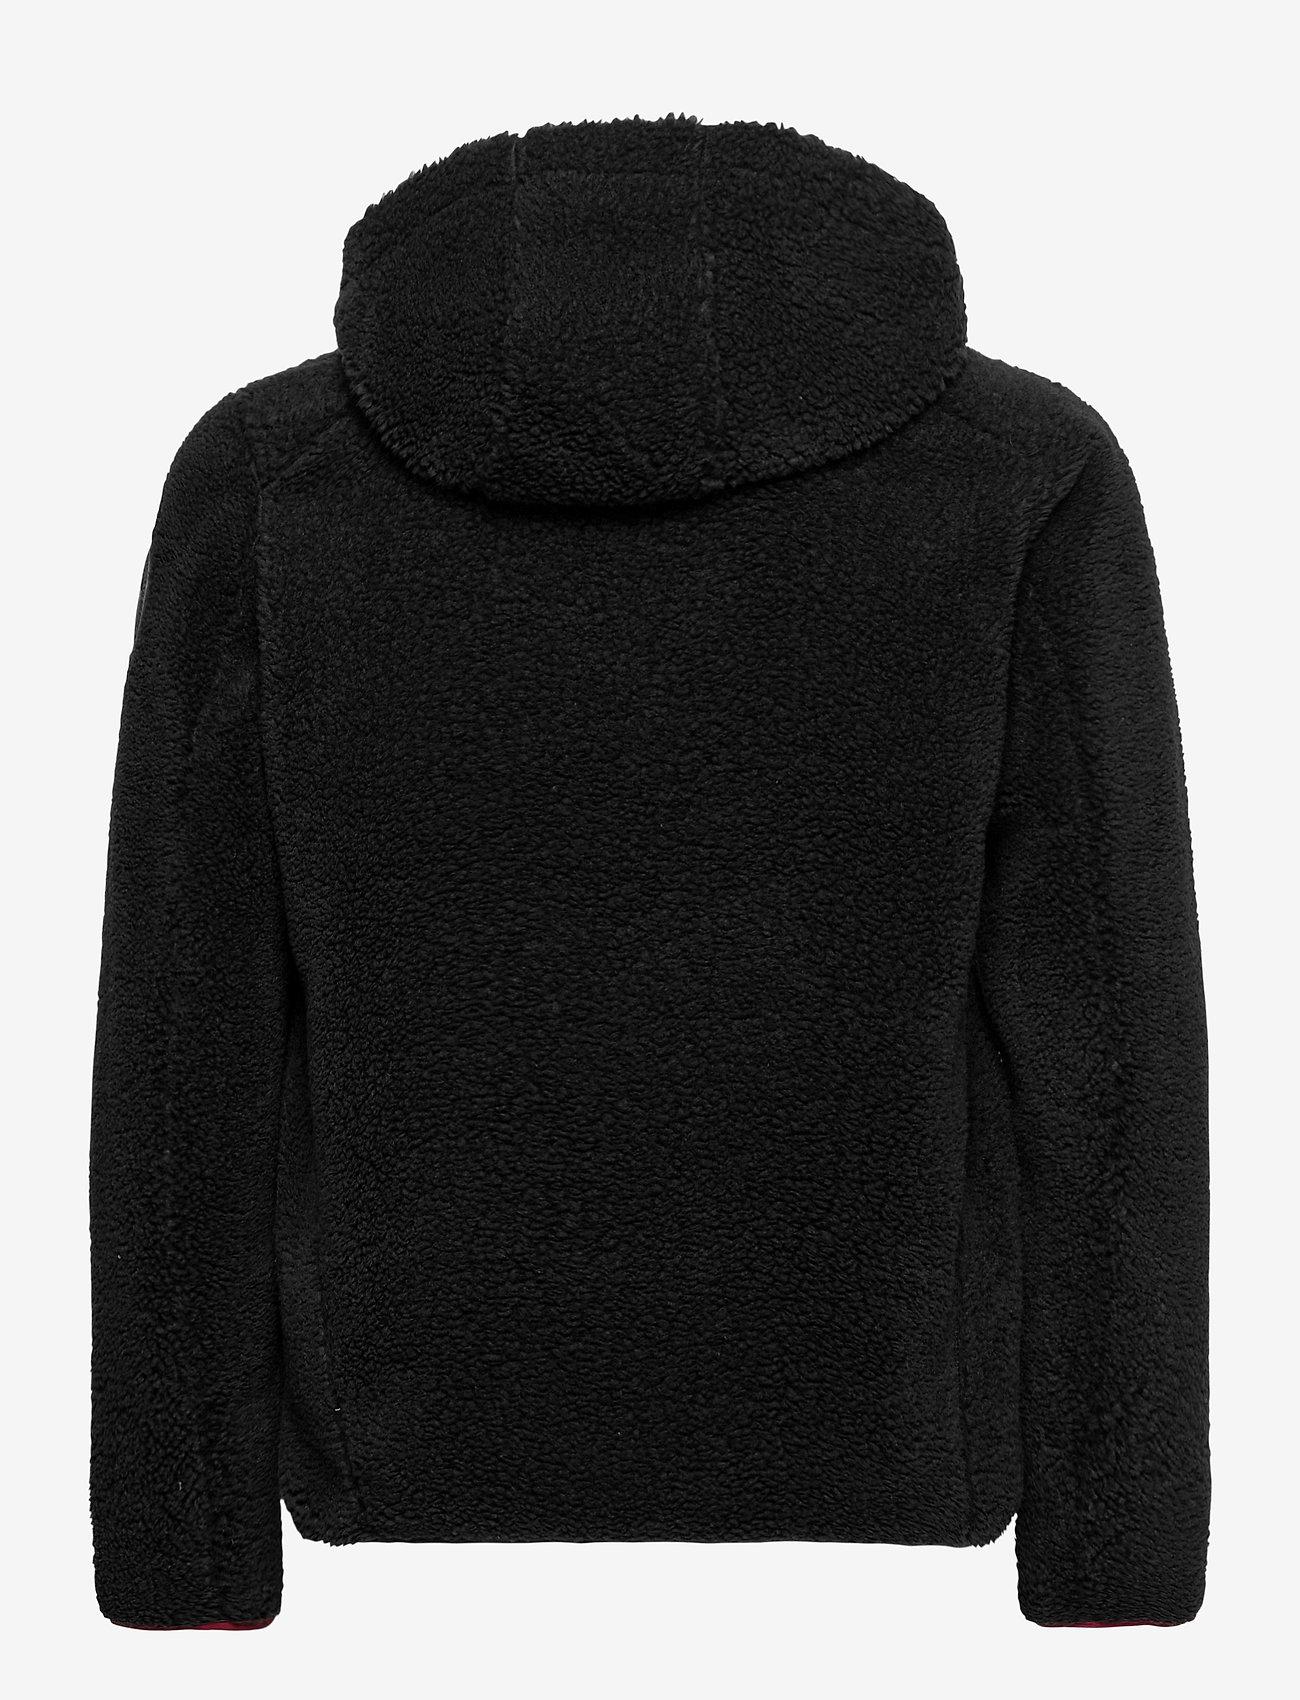 Napapijri TEIDE 3 - Sweatshirts BLACK - Menn Klær